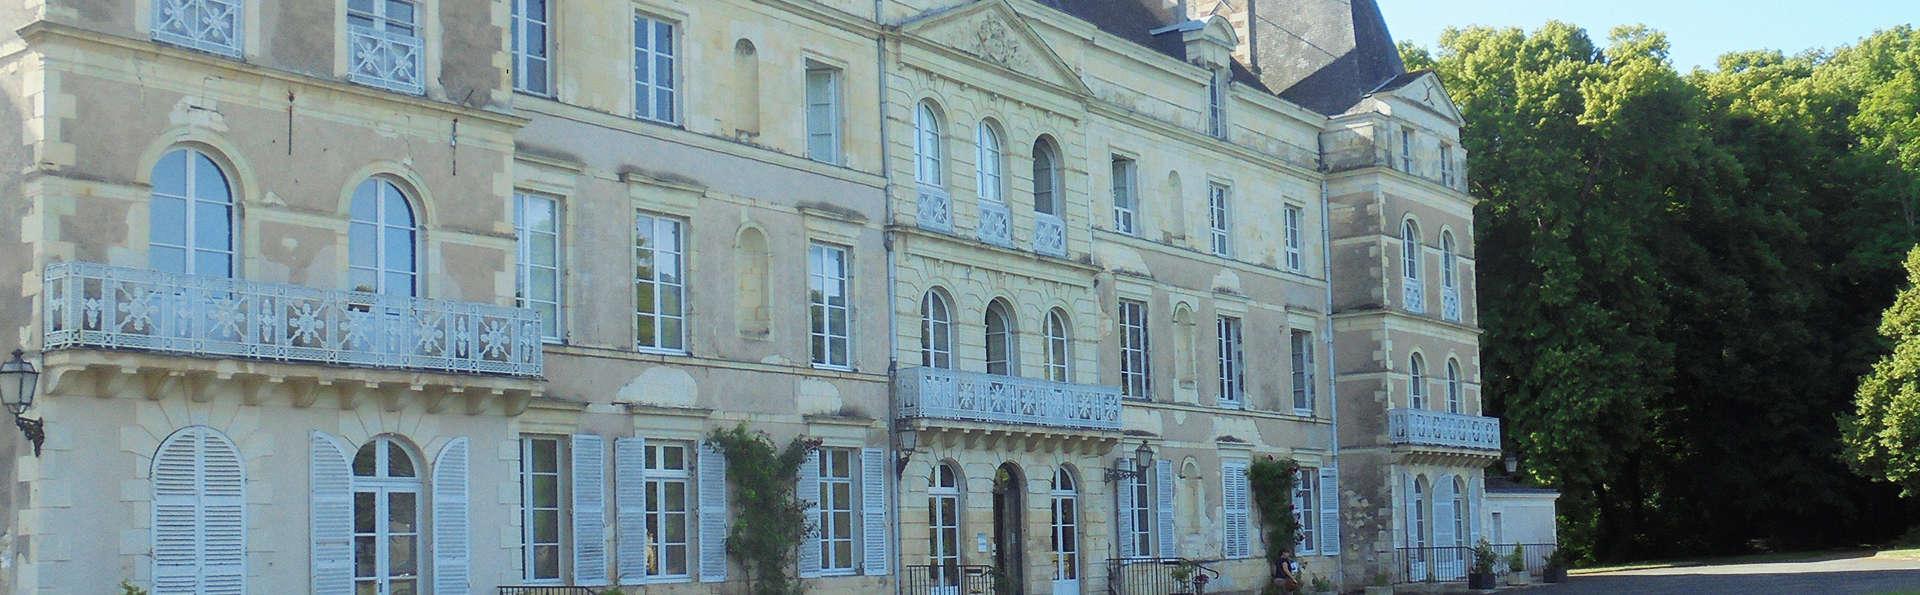 Château de Briançon - EDIT_front2.jpg